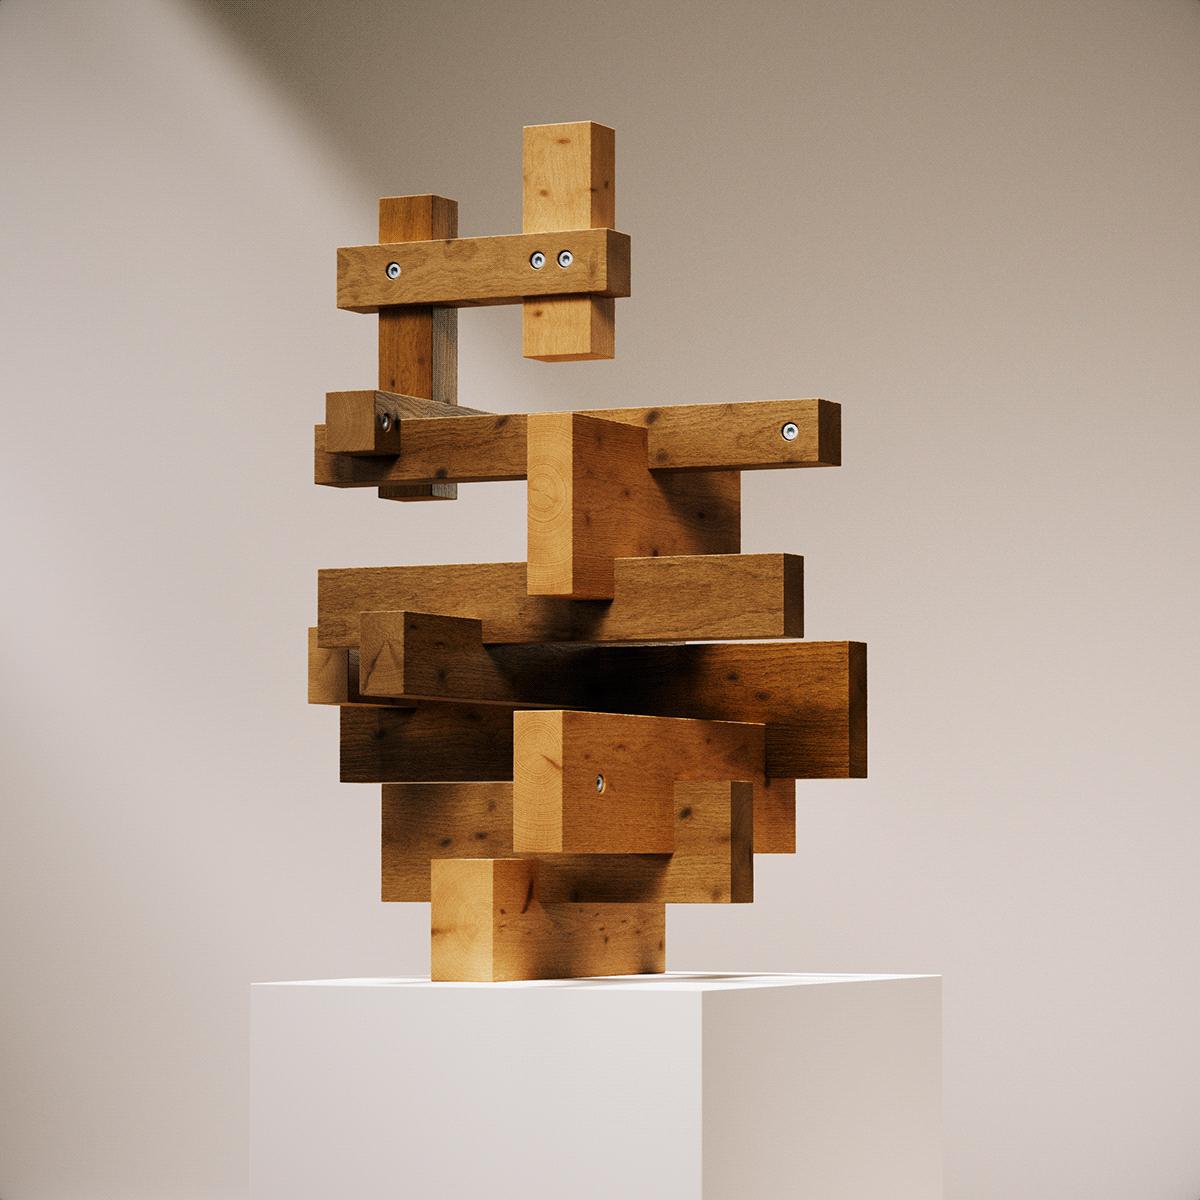 generative sculpture wood 3D art Render